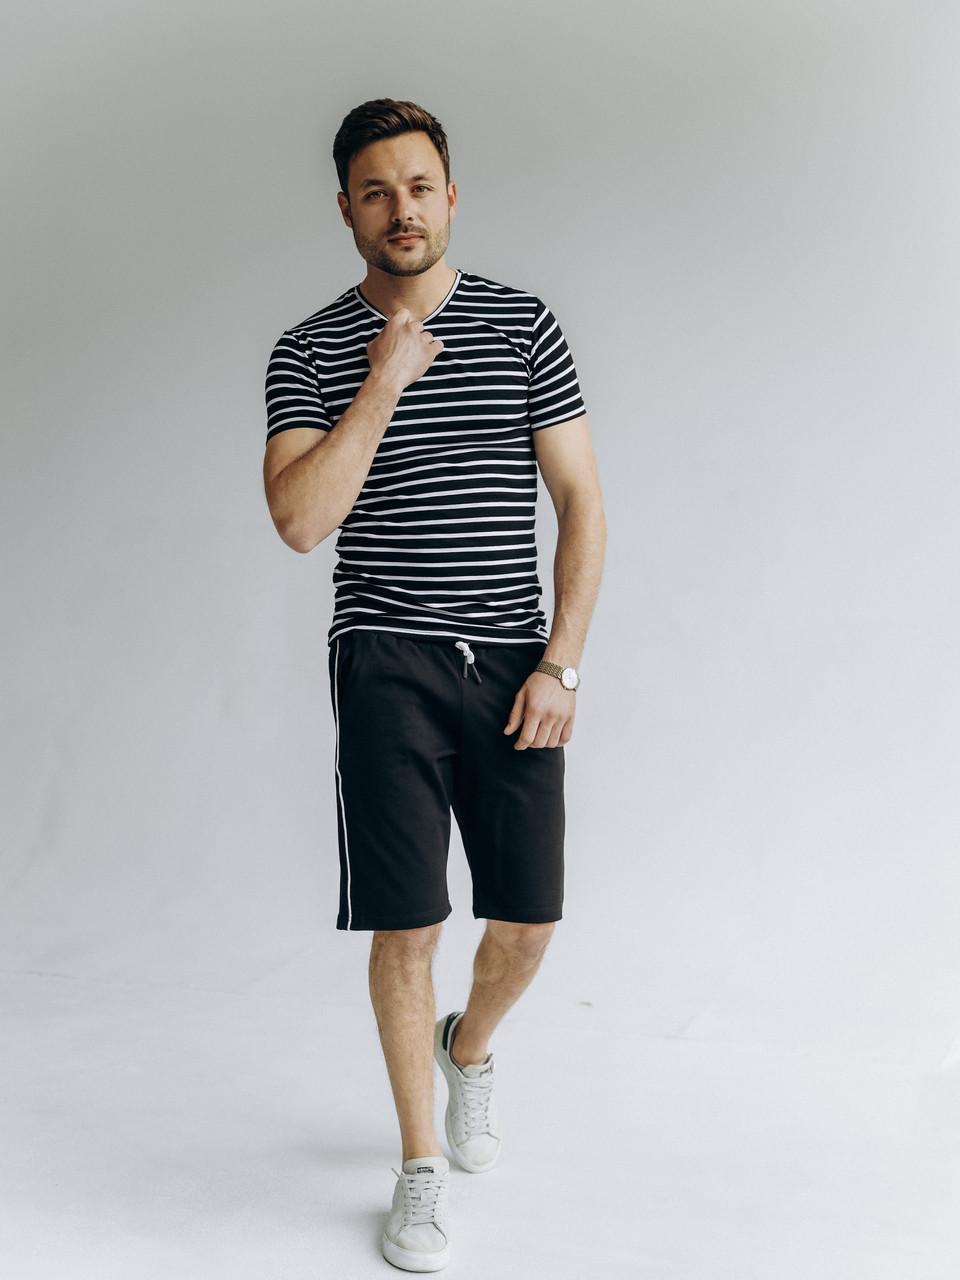 Футболка и шорты мужской костюм летний прогулочный стильный полосатый черного цвета